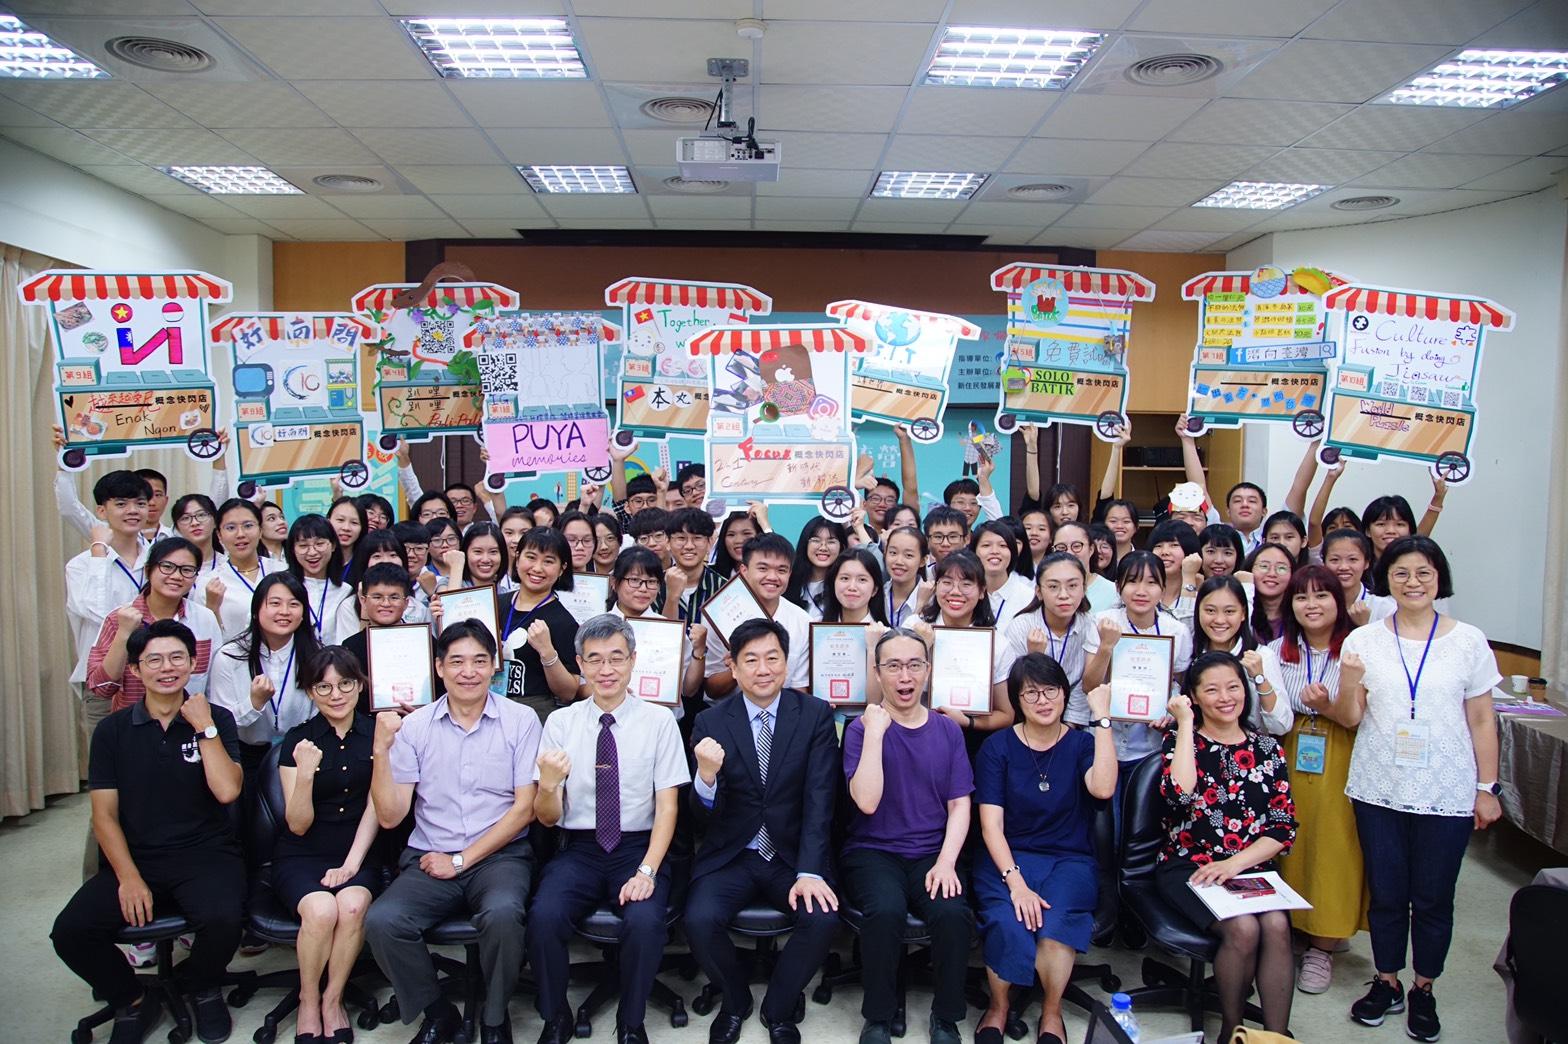 內政部政務次長陳宗彥(右4)與全體學員合影